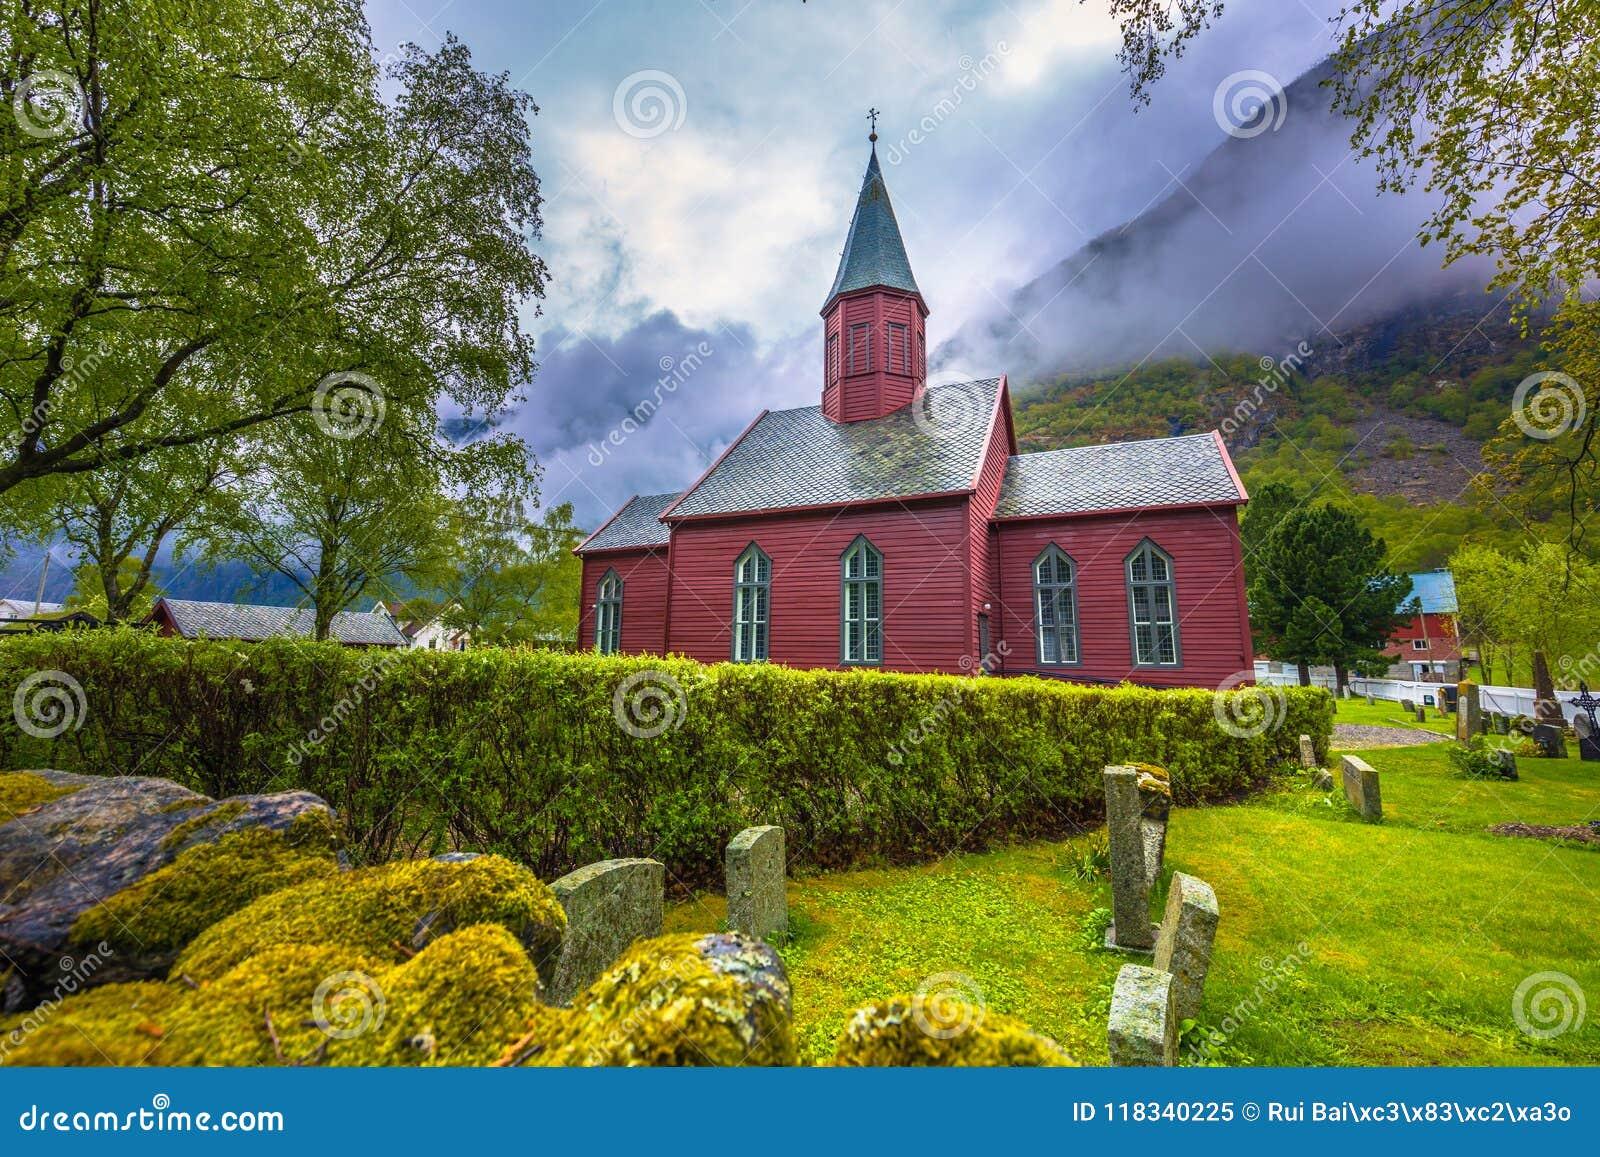 Tonjum, Noorwegen - Mei 14, 2017: Rode kerk van Tonjum-dorp, noch